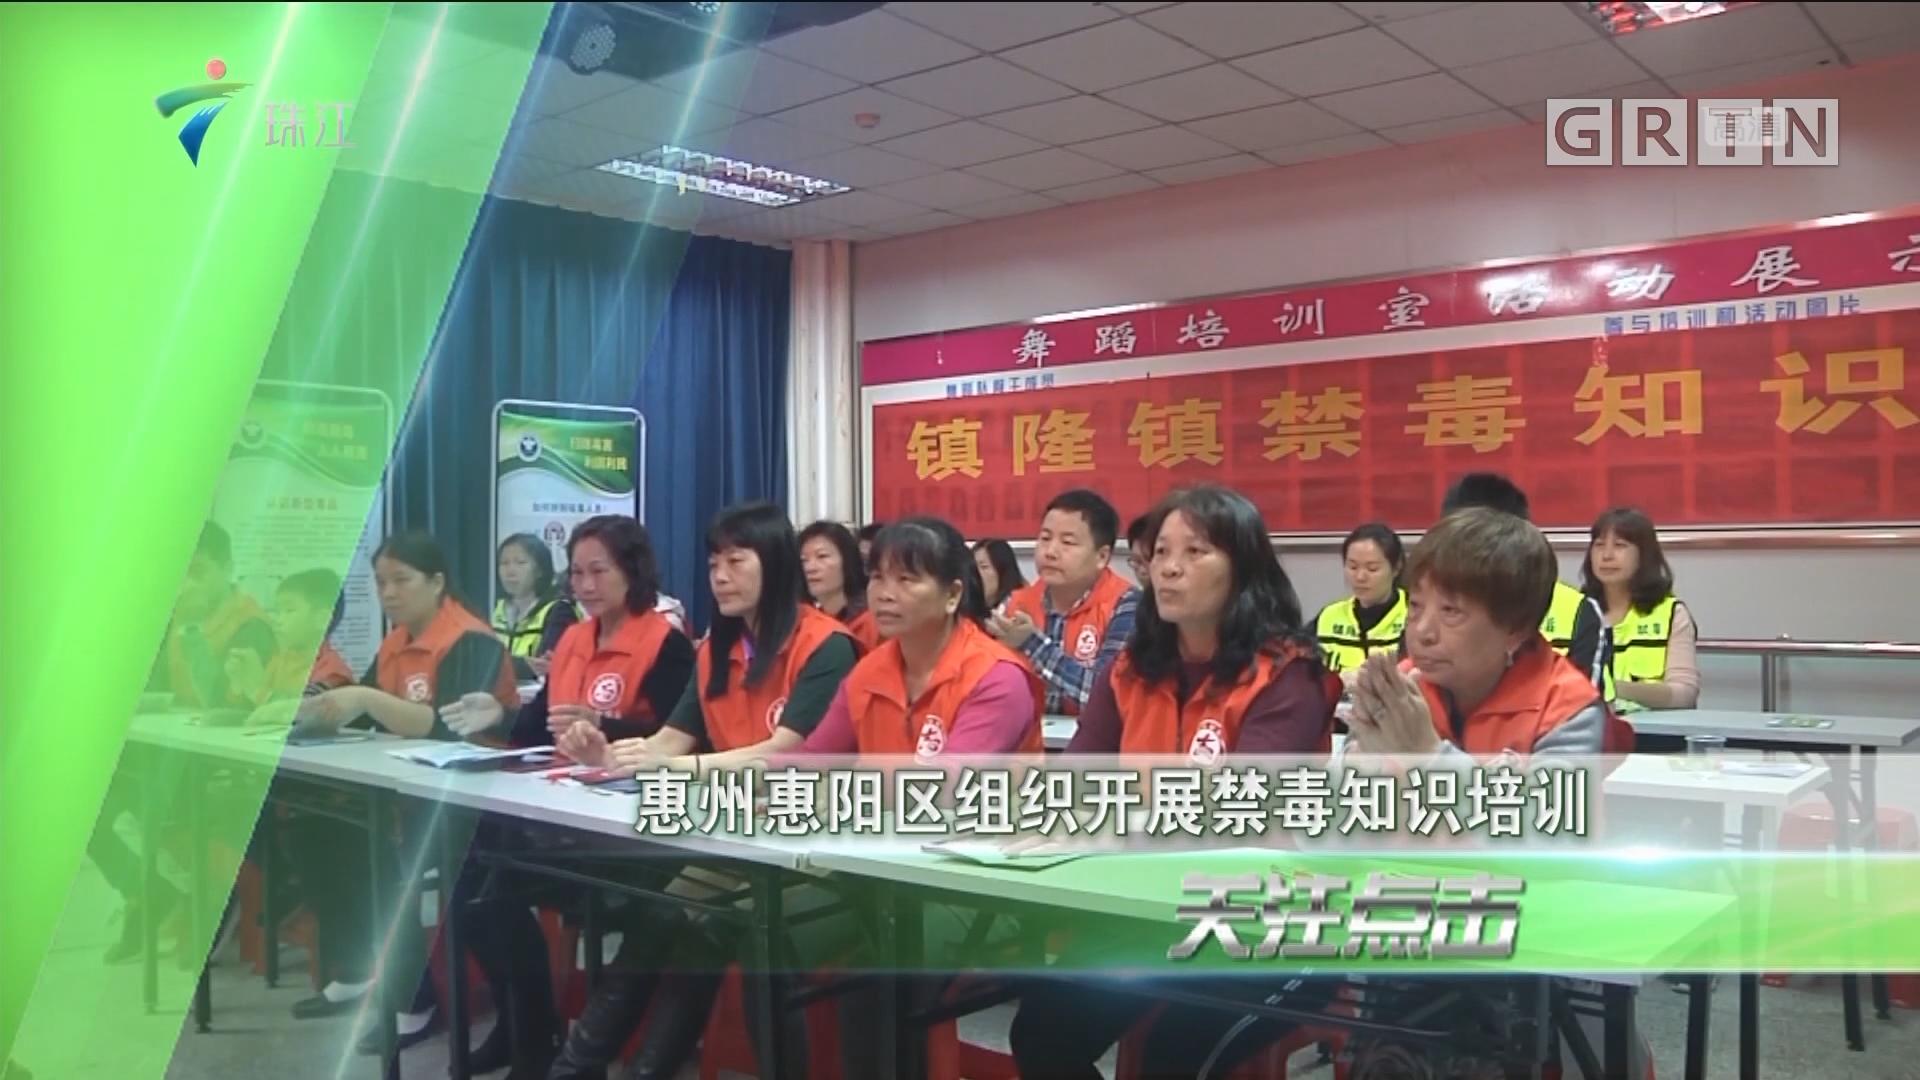 惠州惠阳区组织开展禁毒知识培训